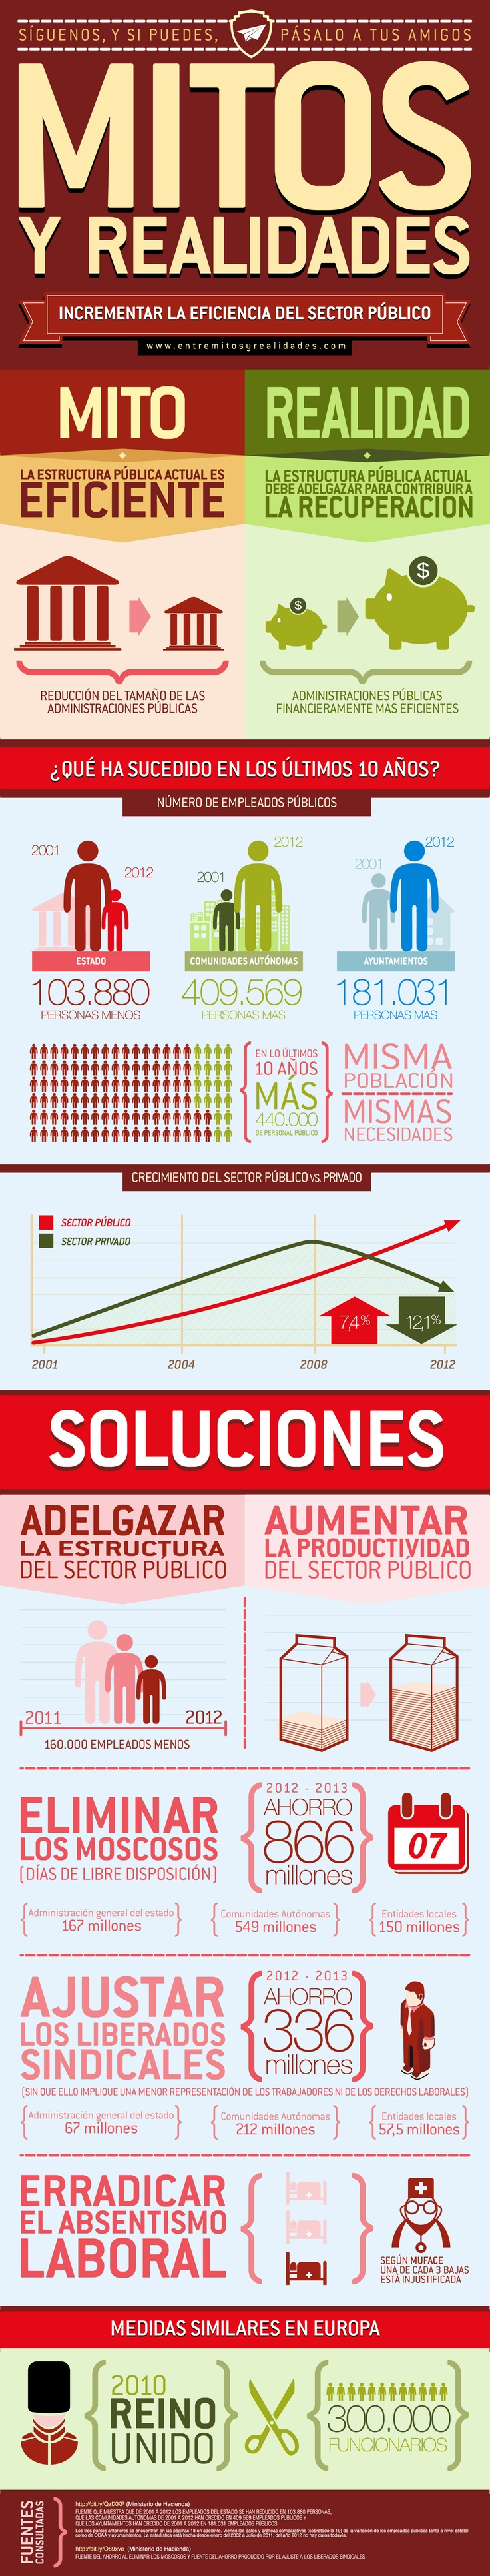 Eficiencia de las Administraciones Públicas: Mitos y Realidades #infografia